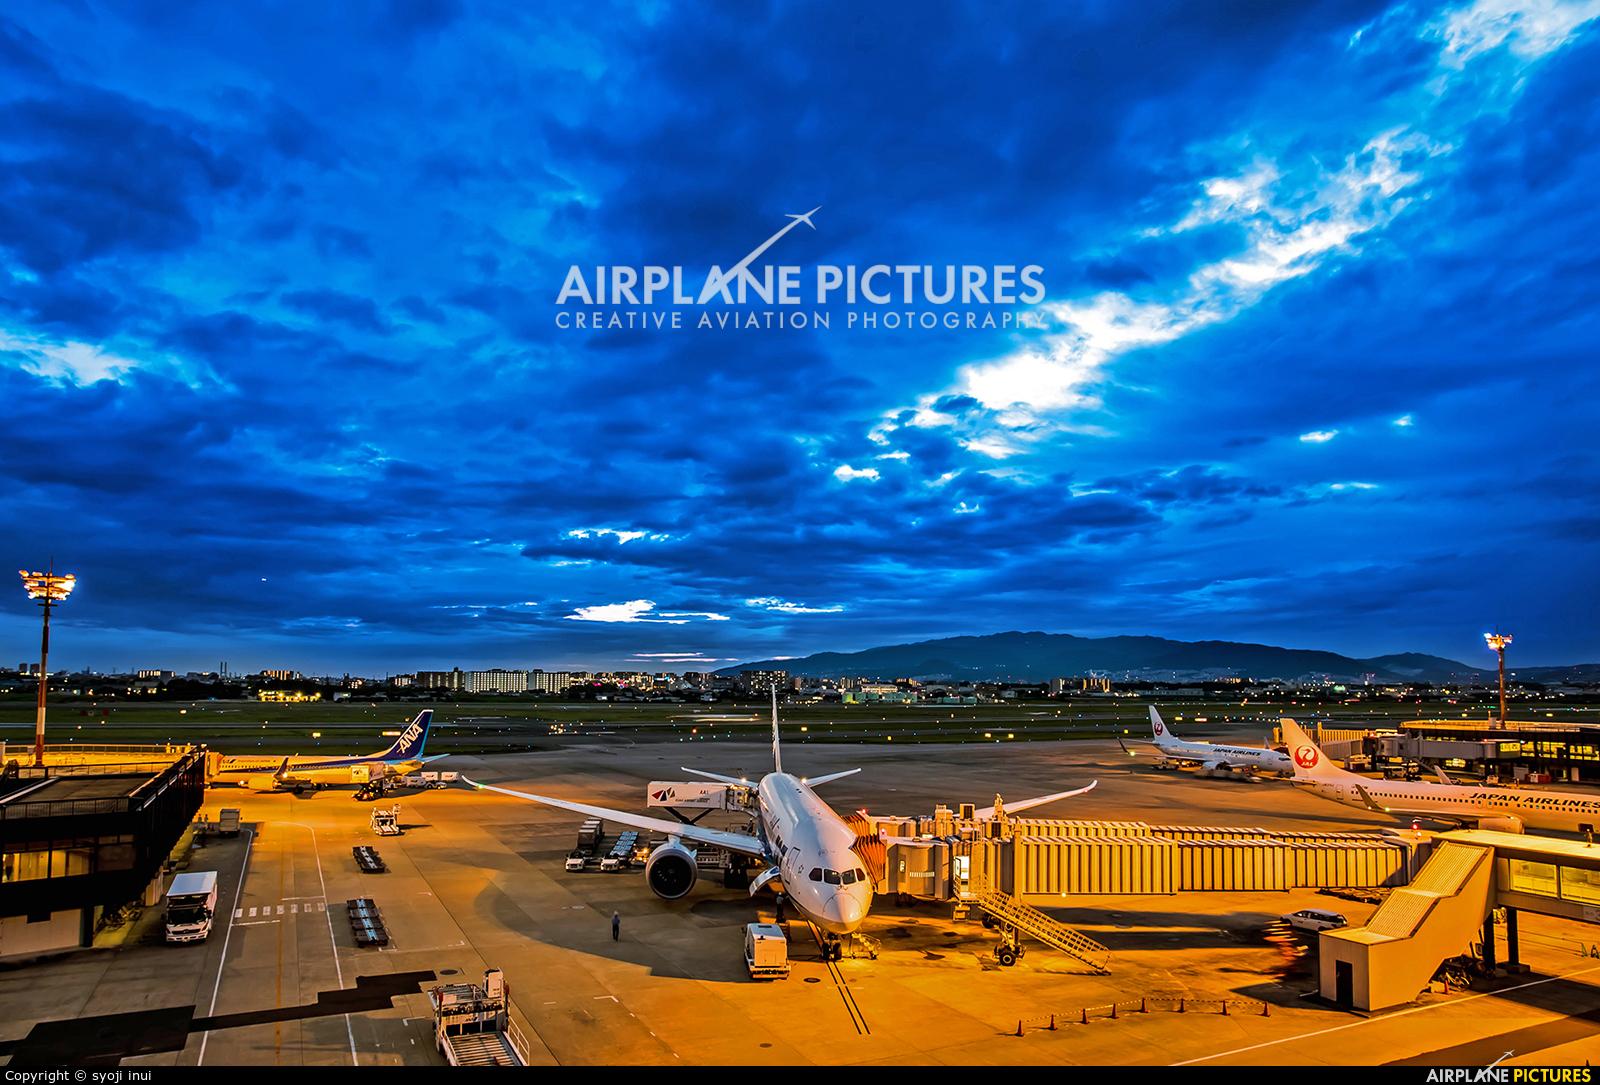 ANA - All Nippon Airways JA818A aircraft at Osaka - Itami Intl